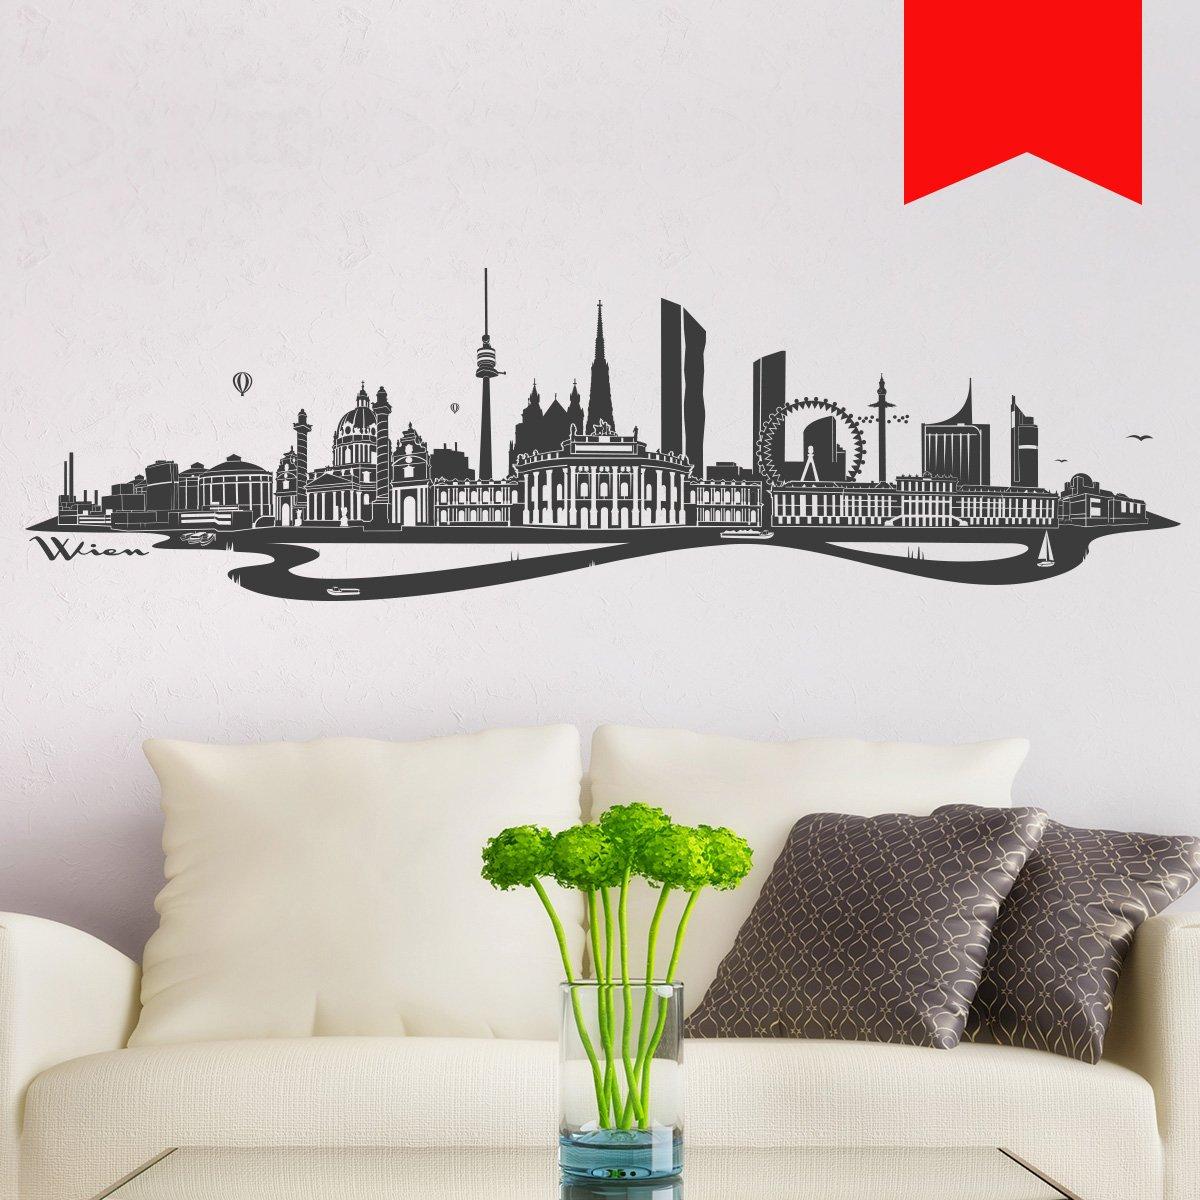 WANDKINGS Wandtattoo - Skyline Wien (mit Fluss) - - - 300 x 86 cm - Mittelgrau - Wähle aus 6 Größen & 35 Farben B078SGKY6F Wandtattoos & Wandbilder 7c18dd